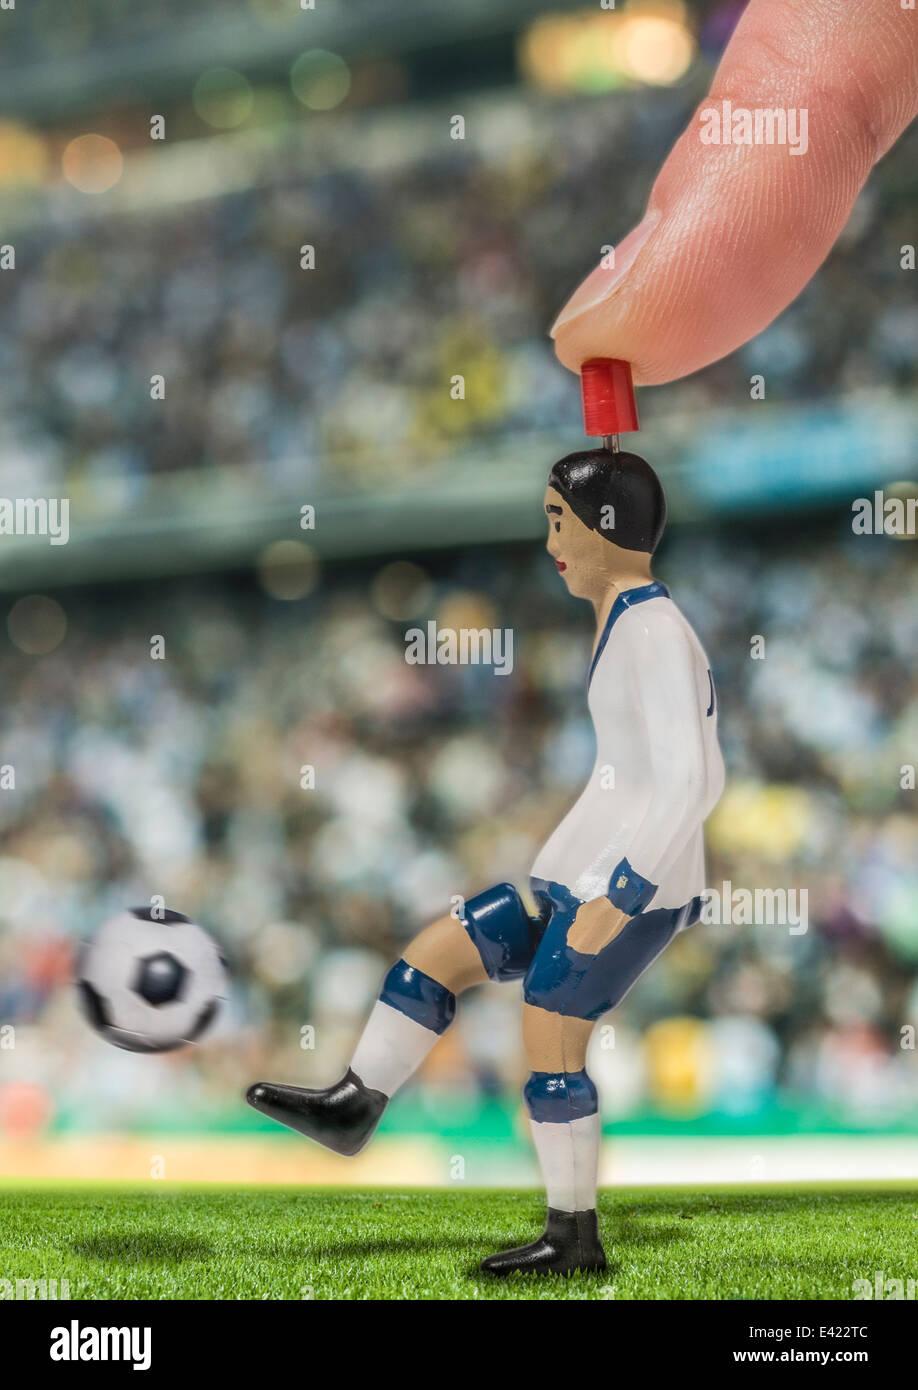 Generati digitalmente immagine del giocatore di calcio calci palla in stadium Immagini Stock